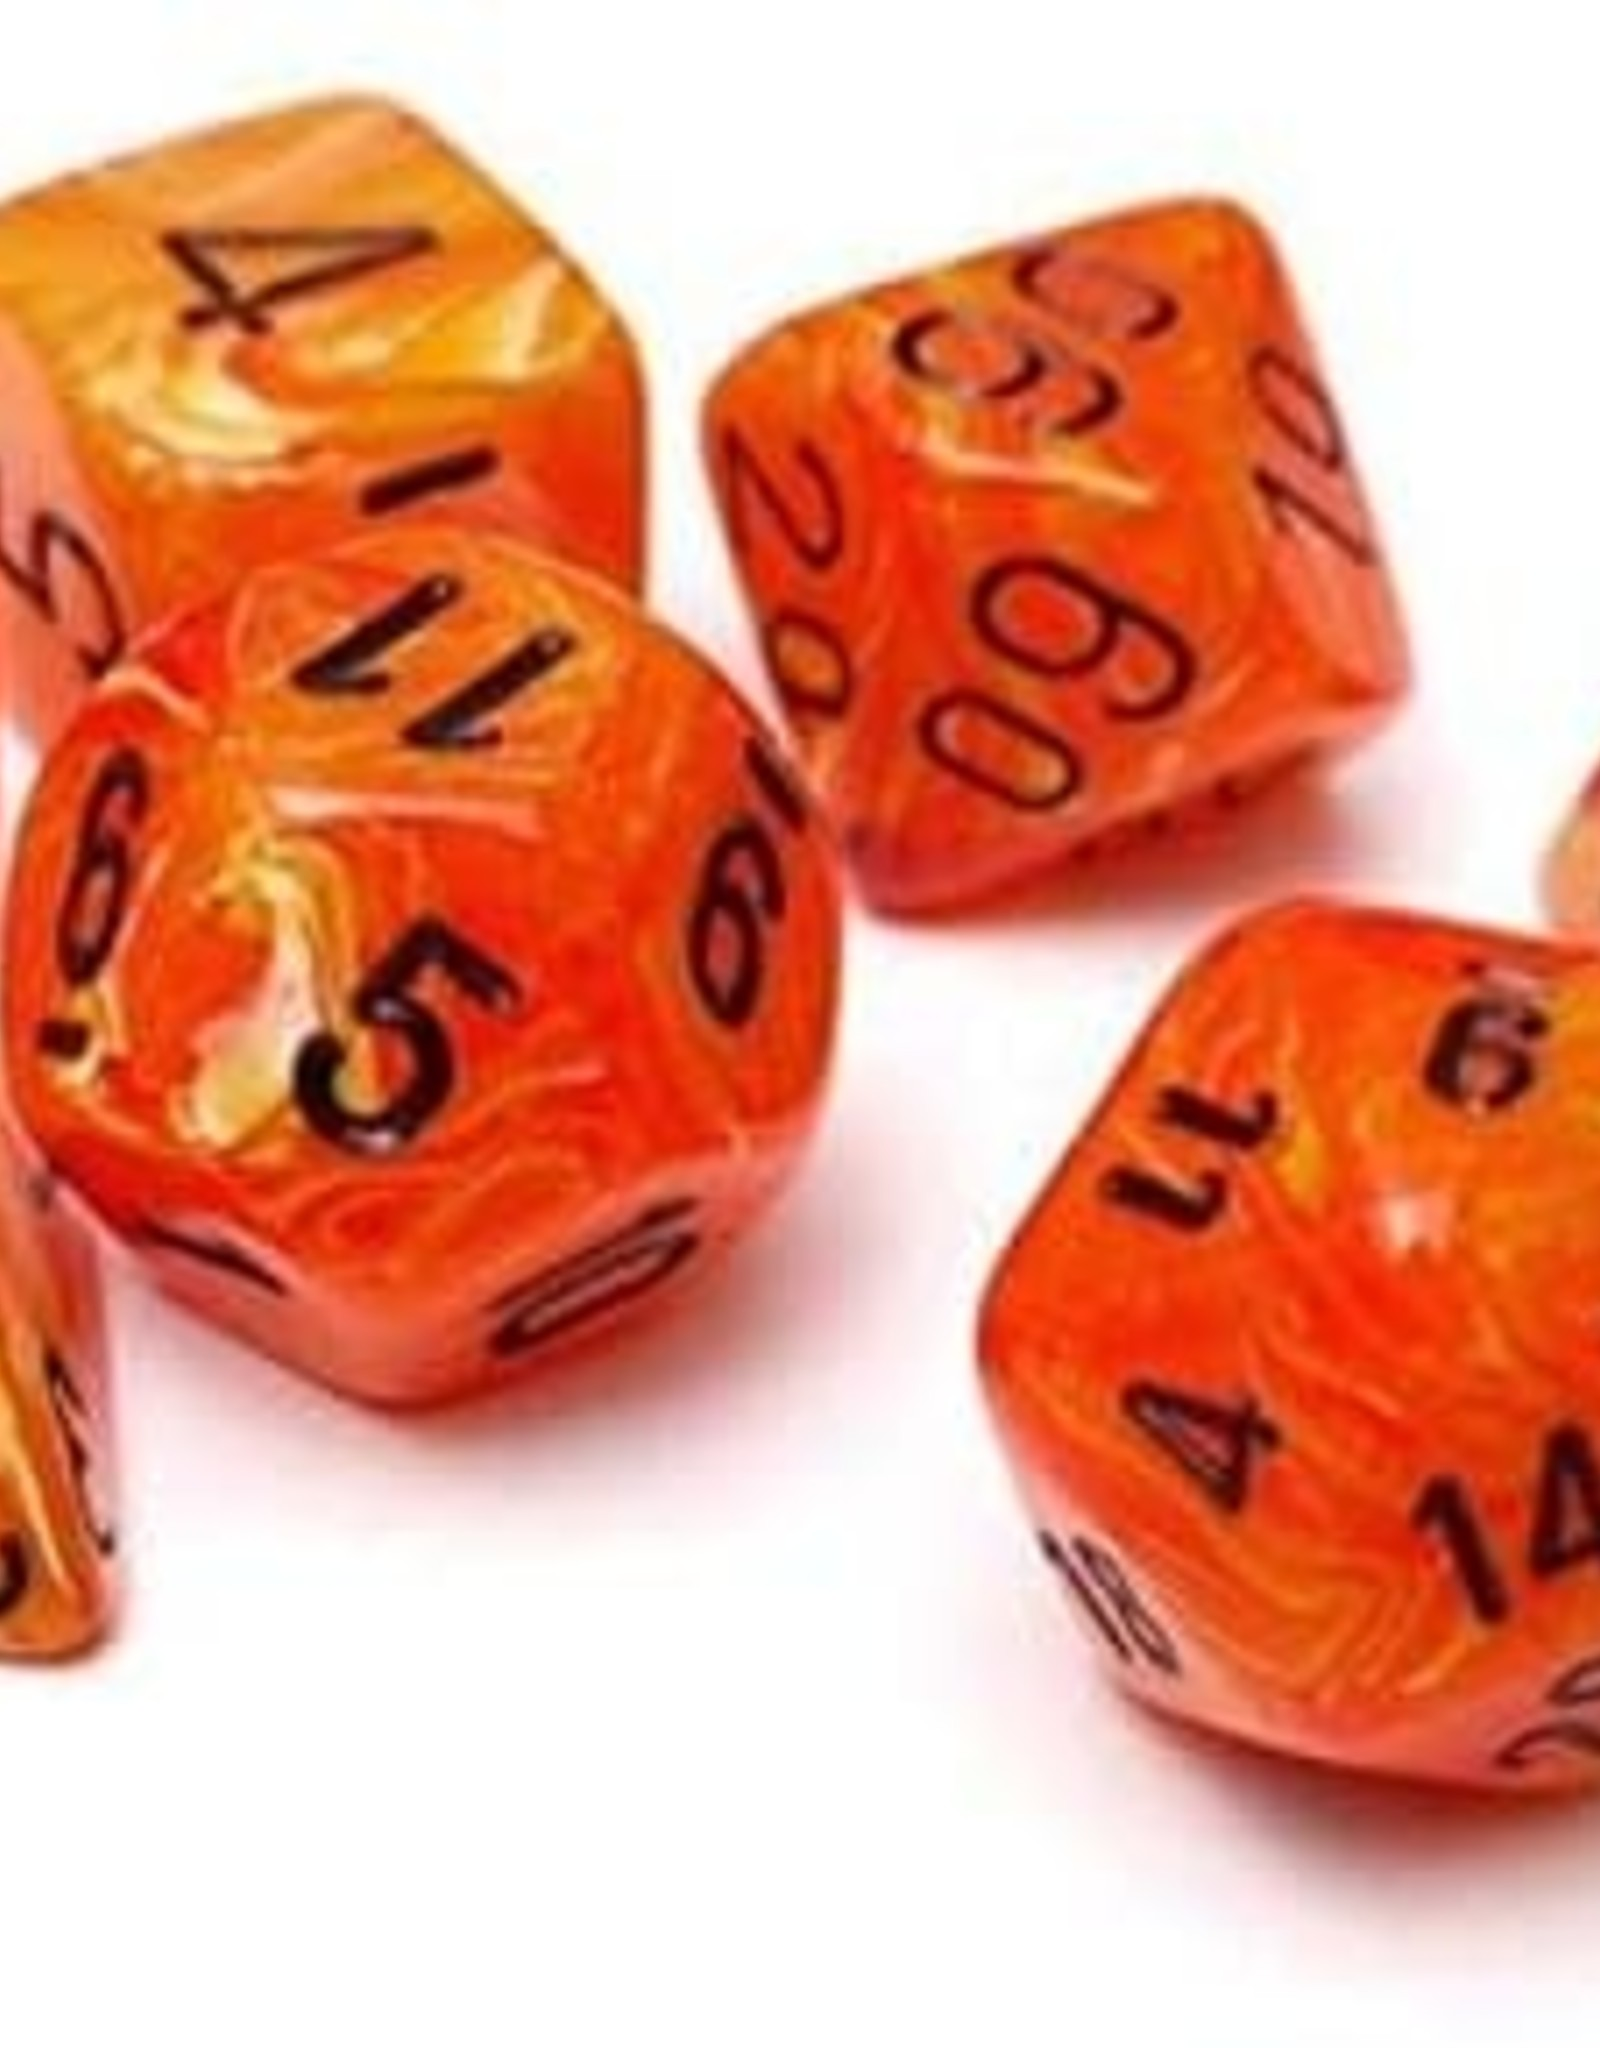 Chessex Chessex CHX27433 Dice-Vortex Set, Orange/Black